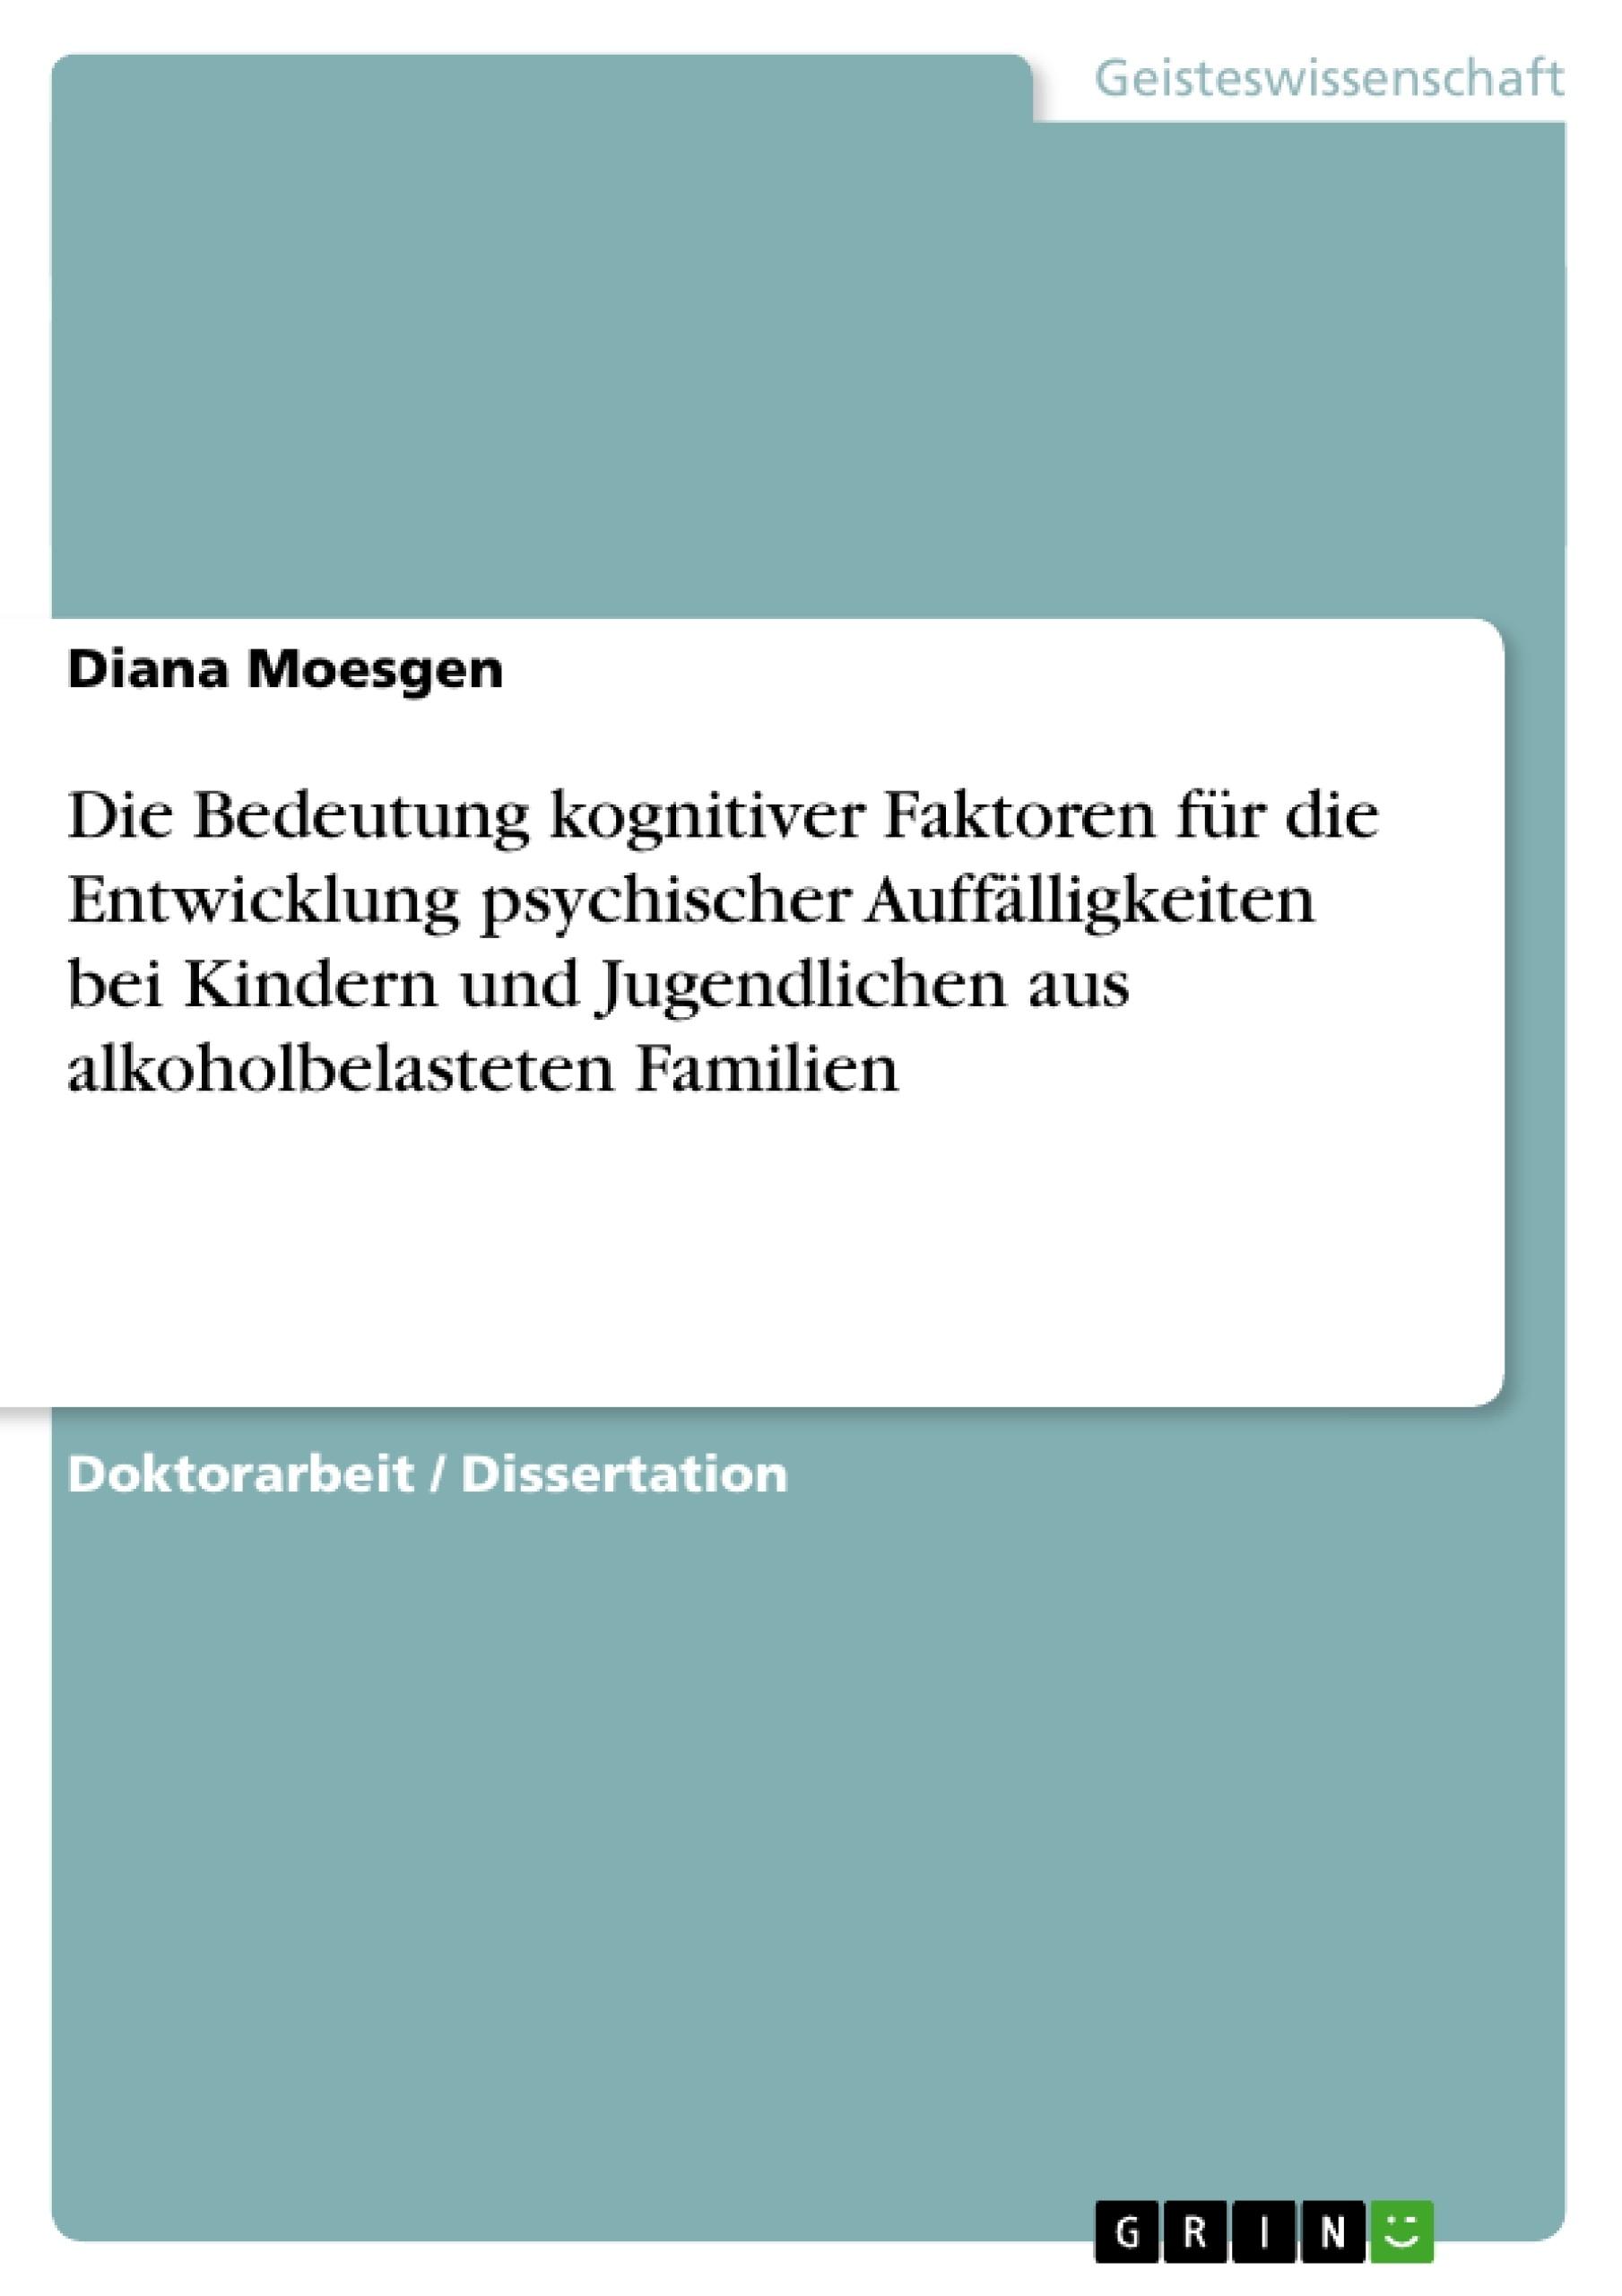 Titel: Die Bedeutung kognitiver Faktoren für die Entwicklung psychischer Auffälligkeiten bei Kindern und Jugendlichen aus alkoholbelasteten Familien